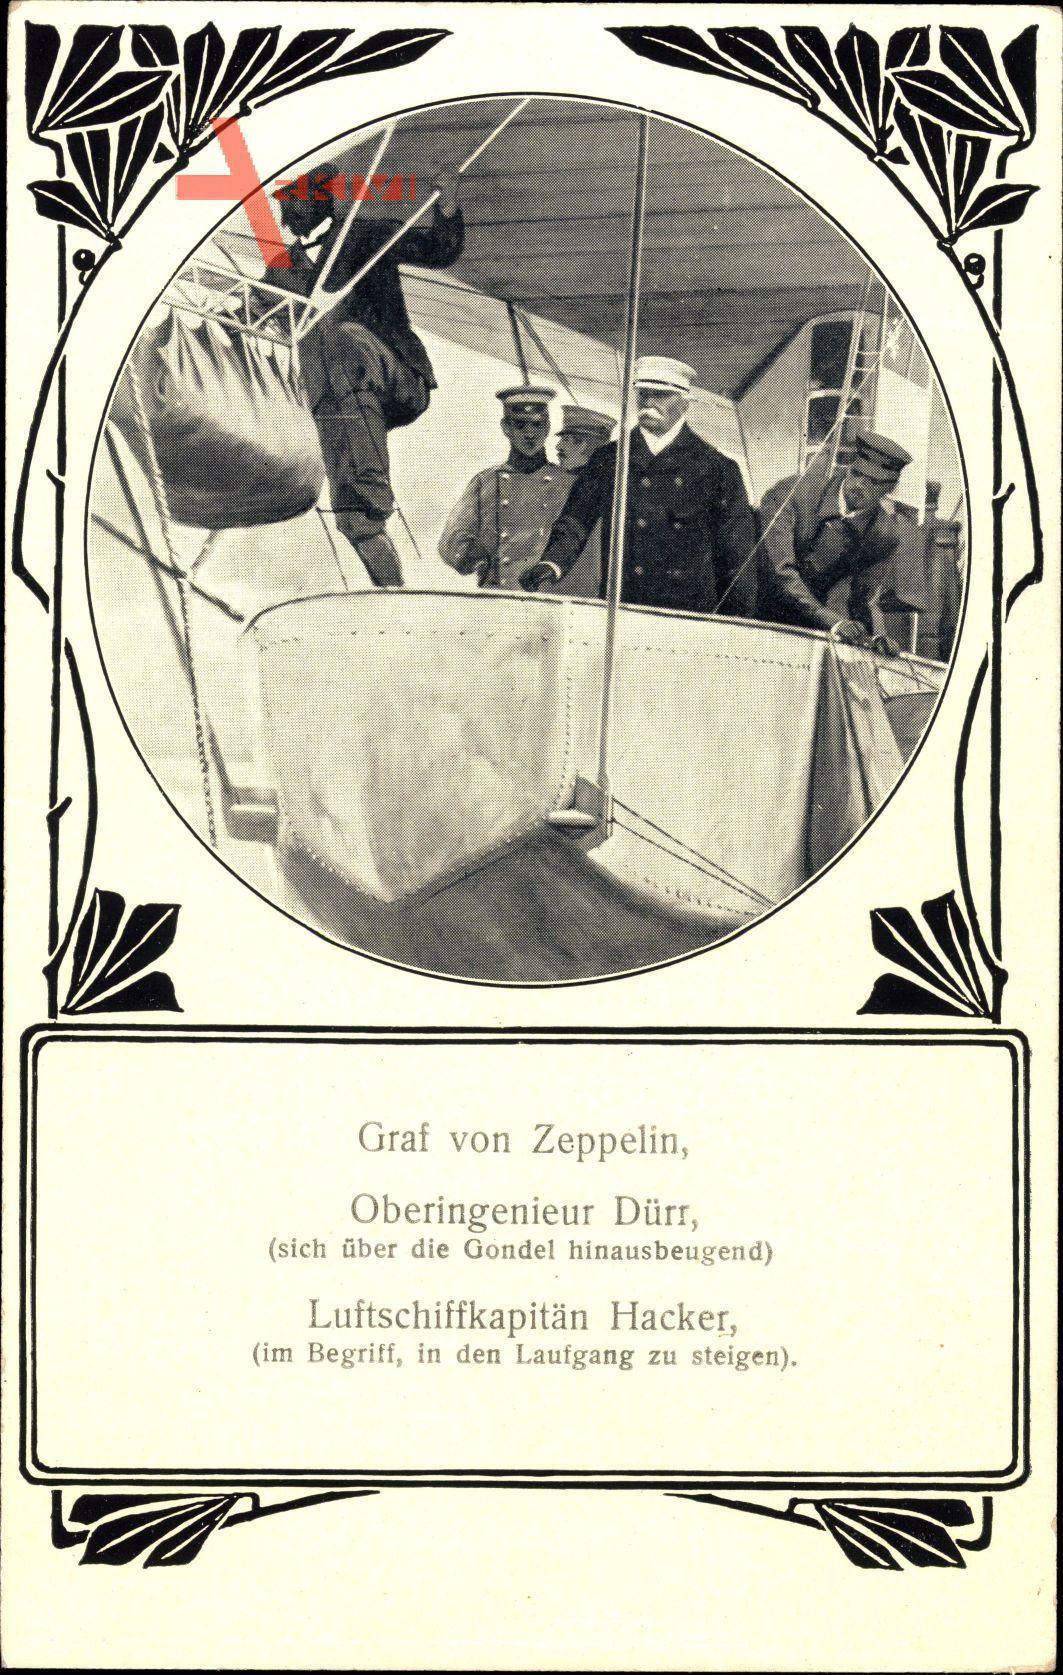 Jugendstil Luftfahrtpionier Ferdinand Graf von Zeppelin, Dürr, Hacker